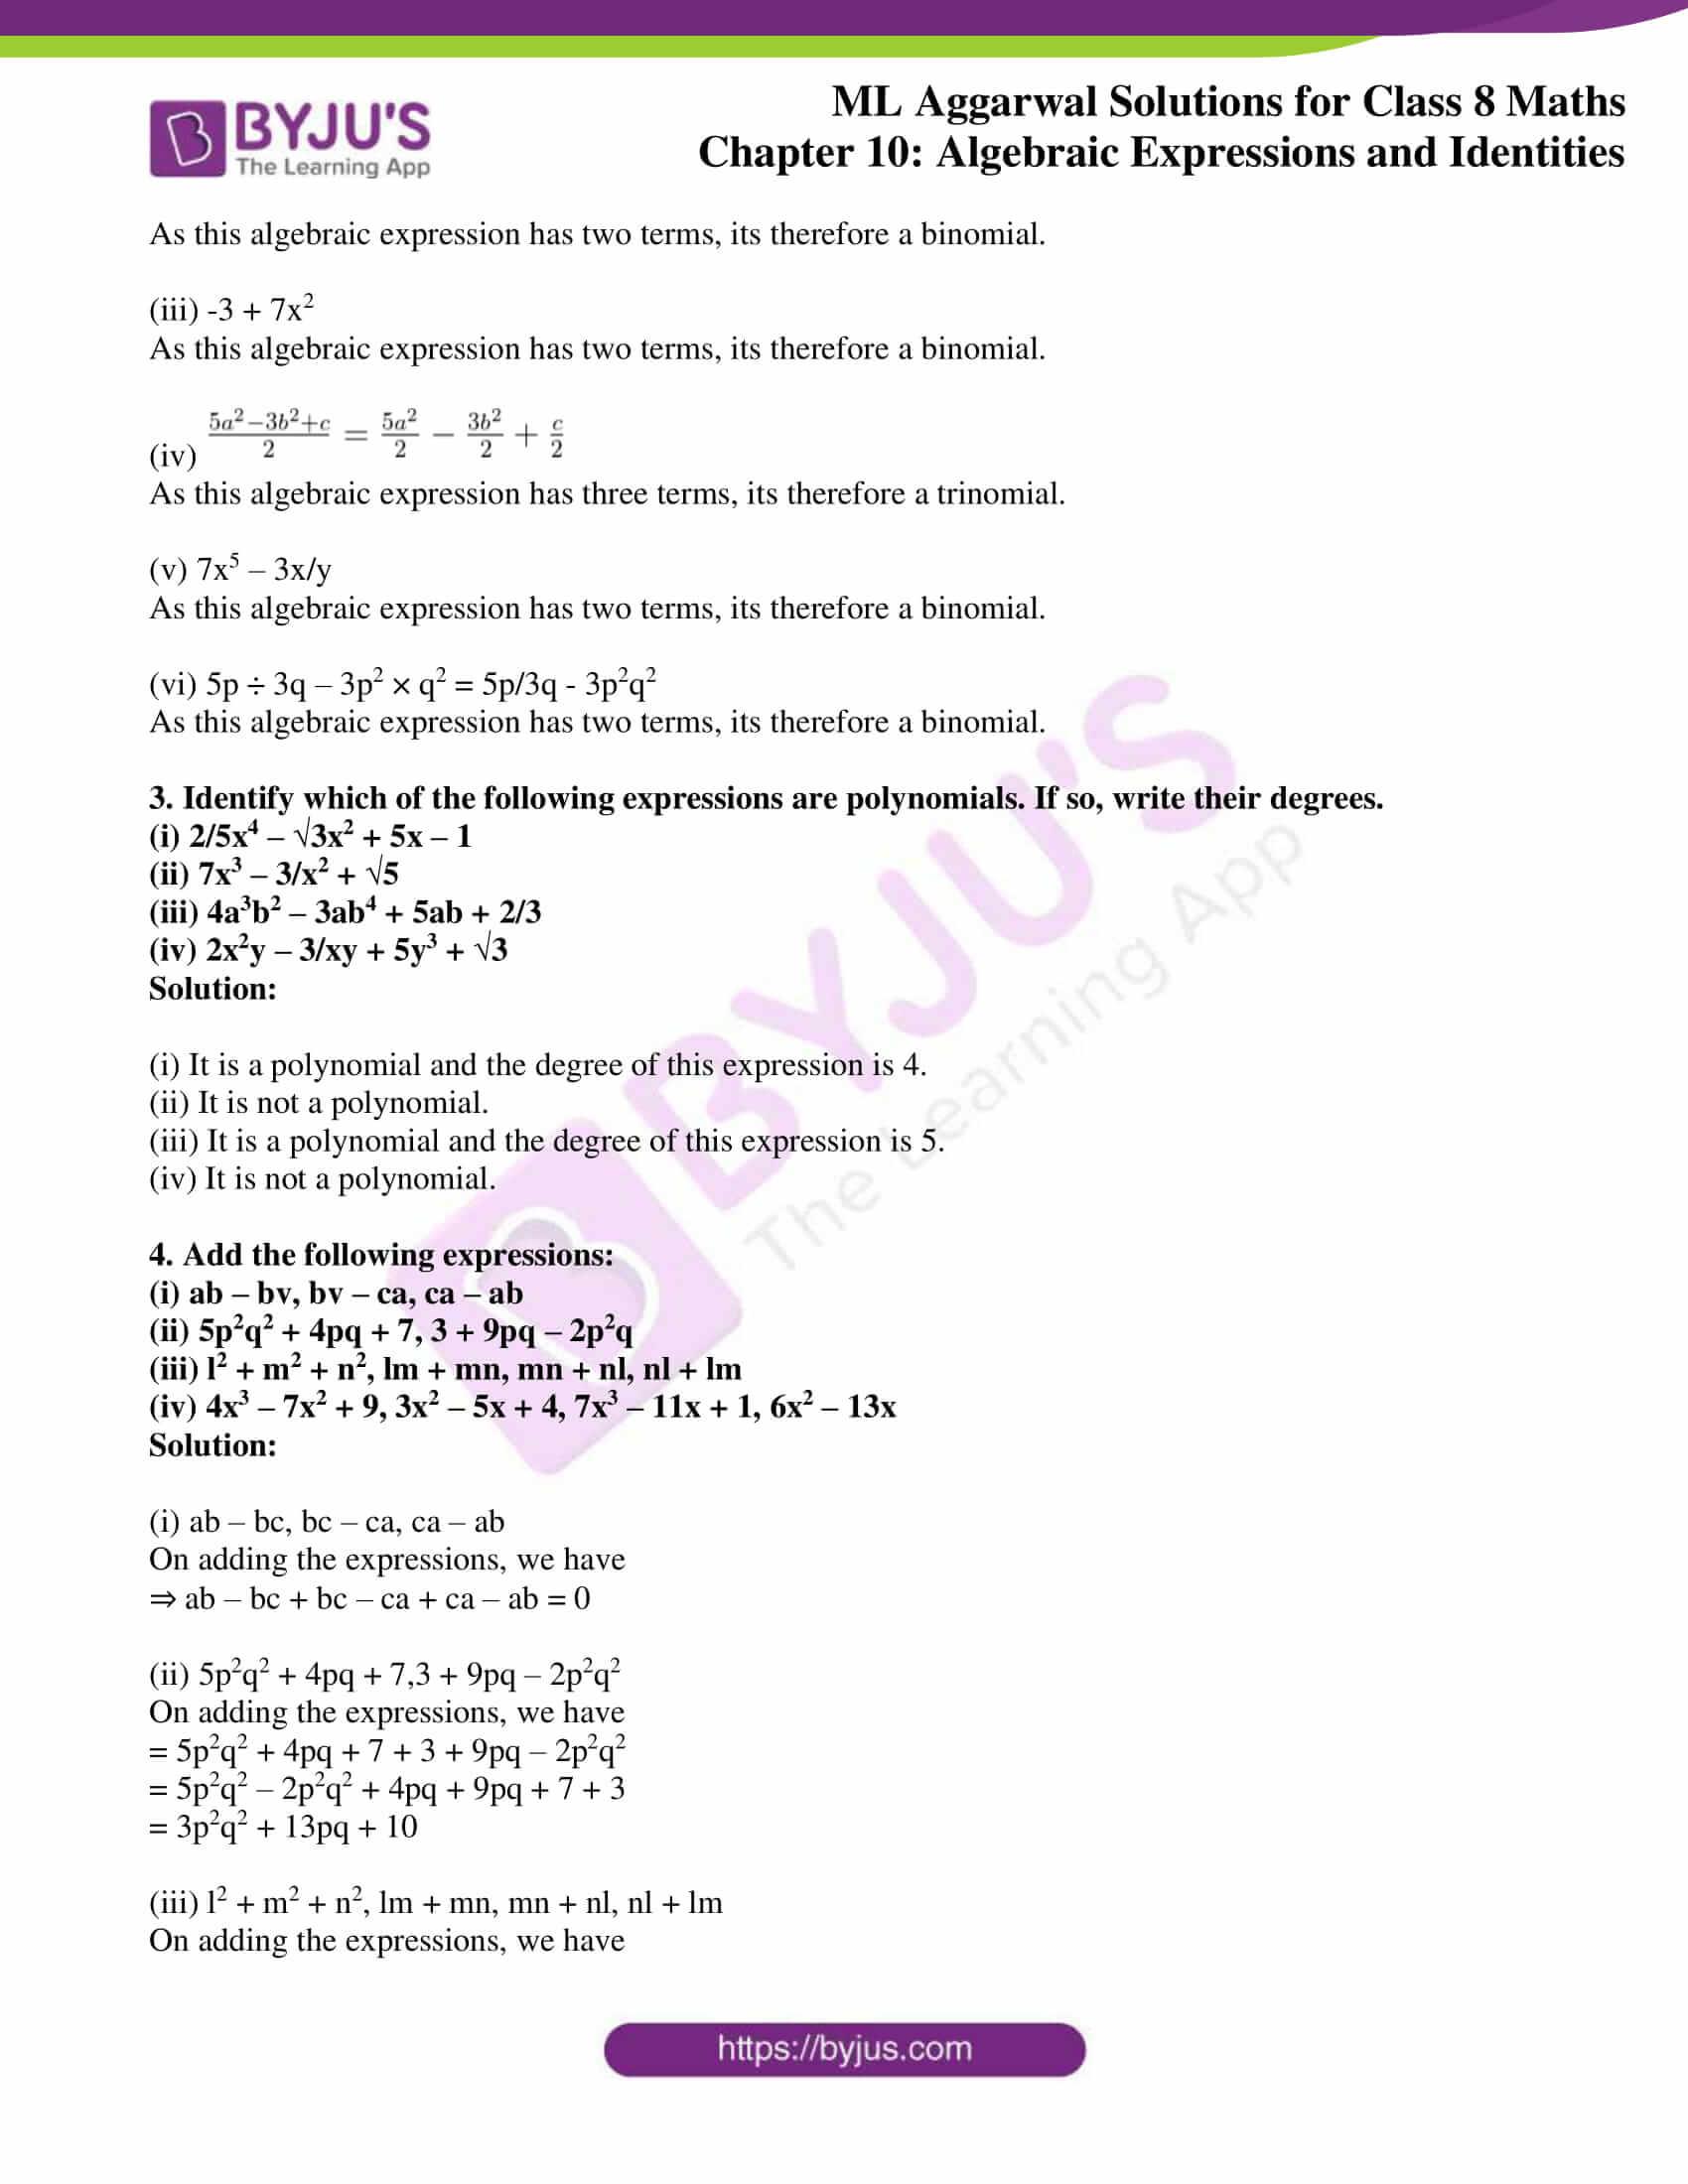 ml aggarwal sol mathematics class 8 ch 10 02